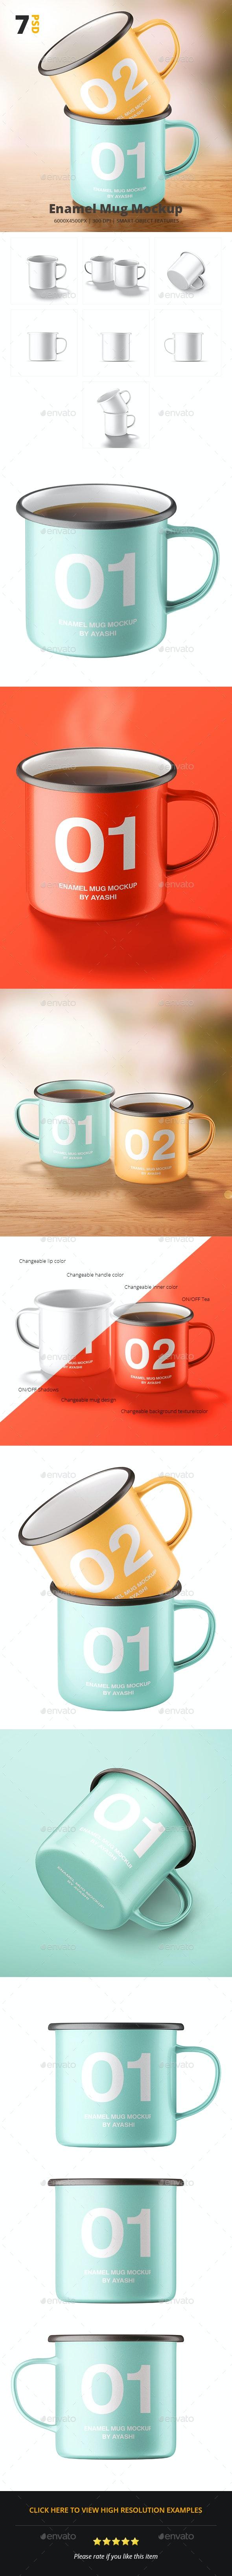 Enamel Camper Mug Mockup - Food and Drink Packaging